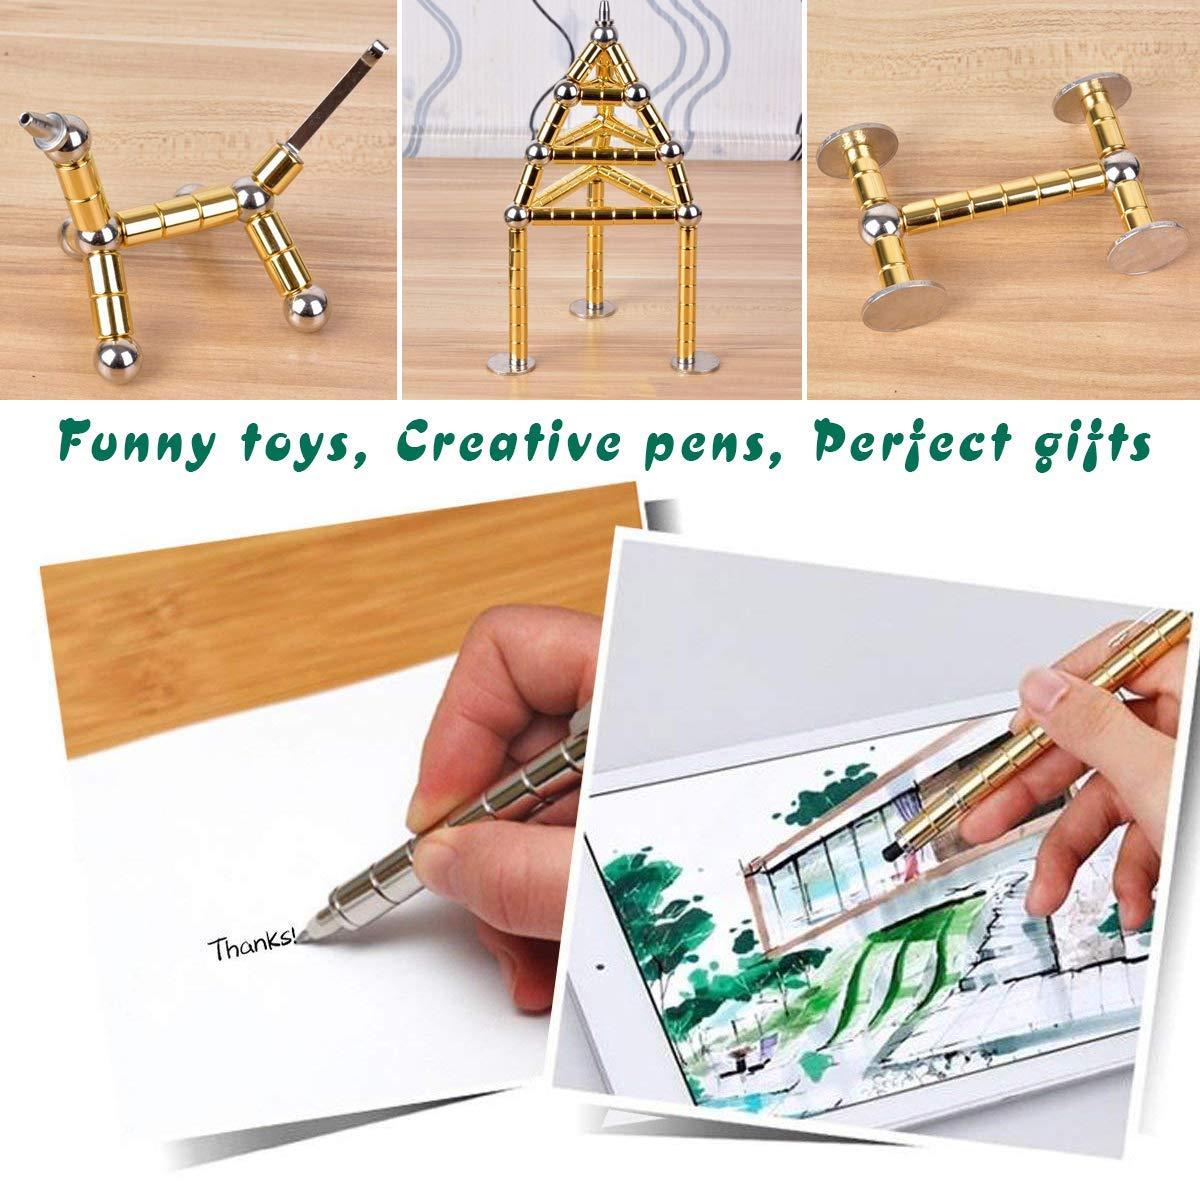 Penna magnetica: Oro Cooler Penna magnetica meravigliosa penna a sfera magnetica penna a sfera Idea regalo divertente Penna magnetica penna Stylus Set regalo creativo